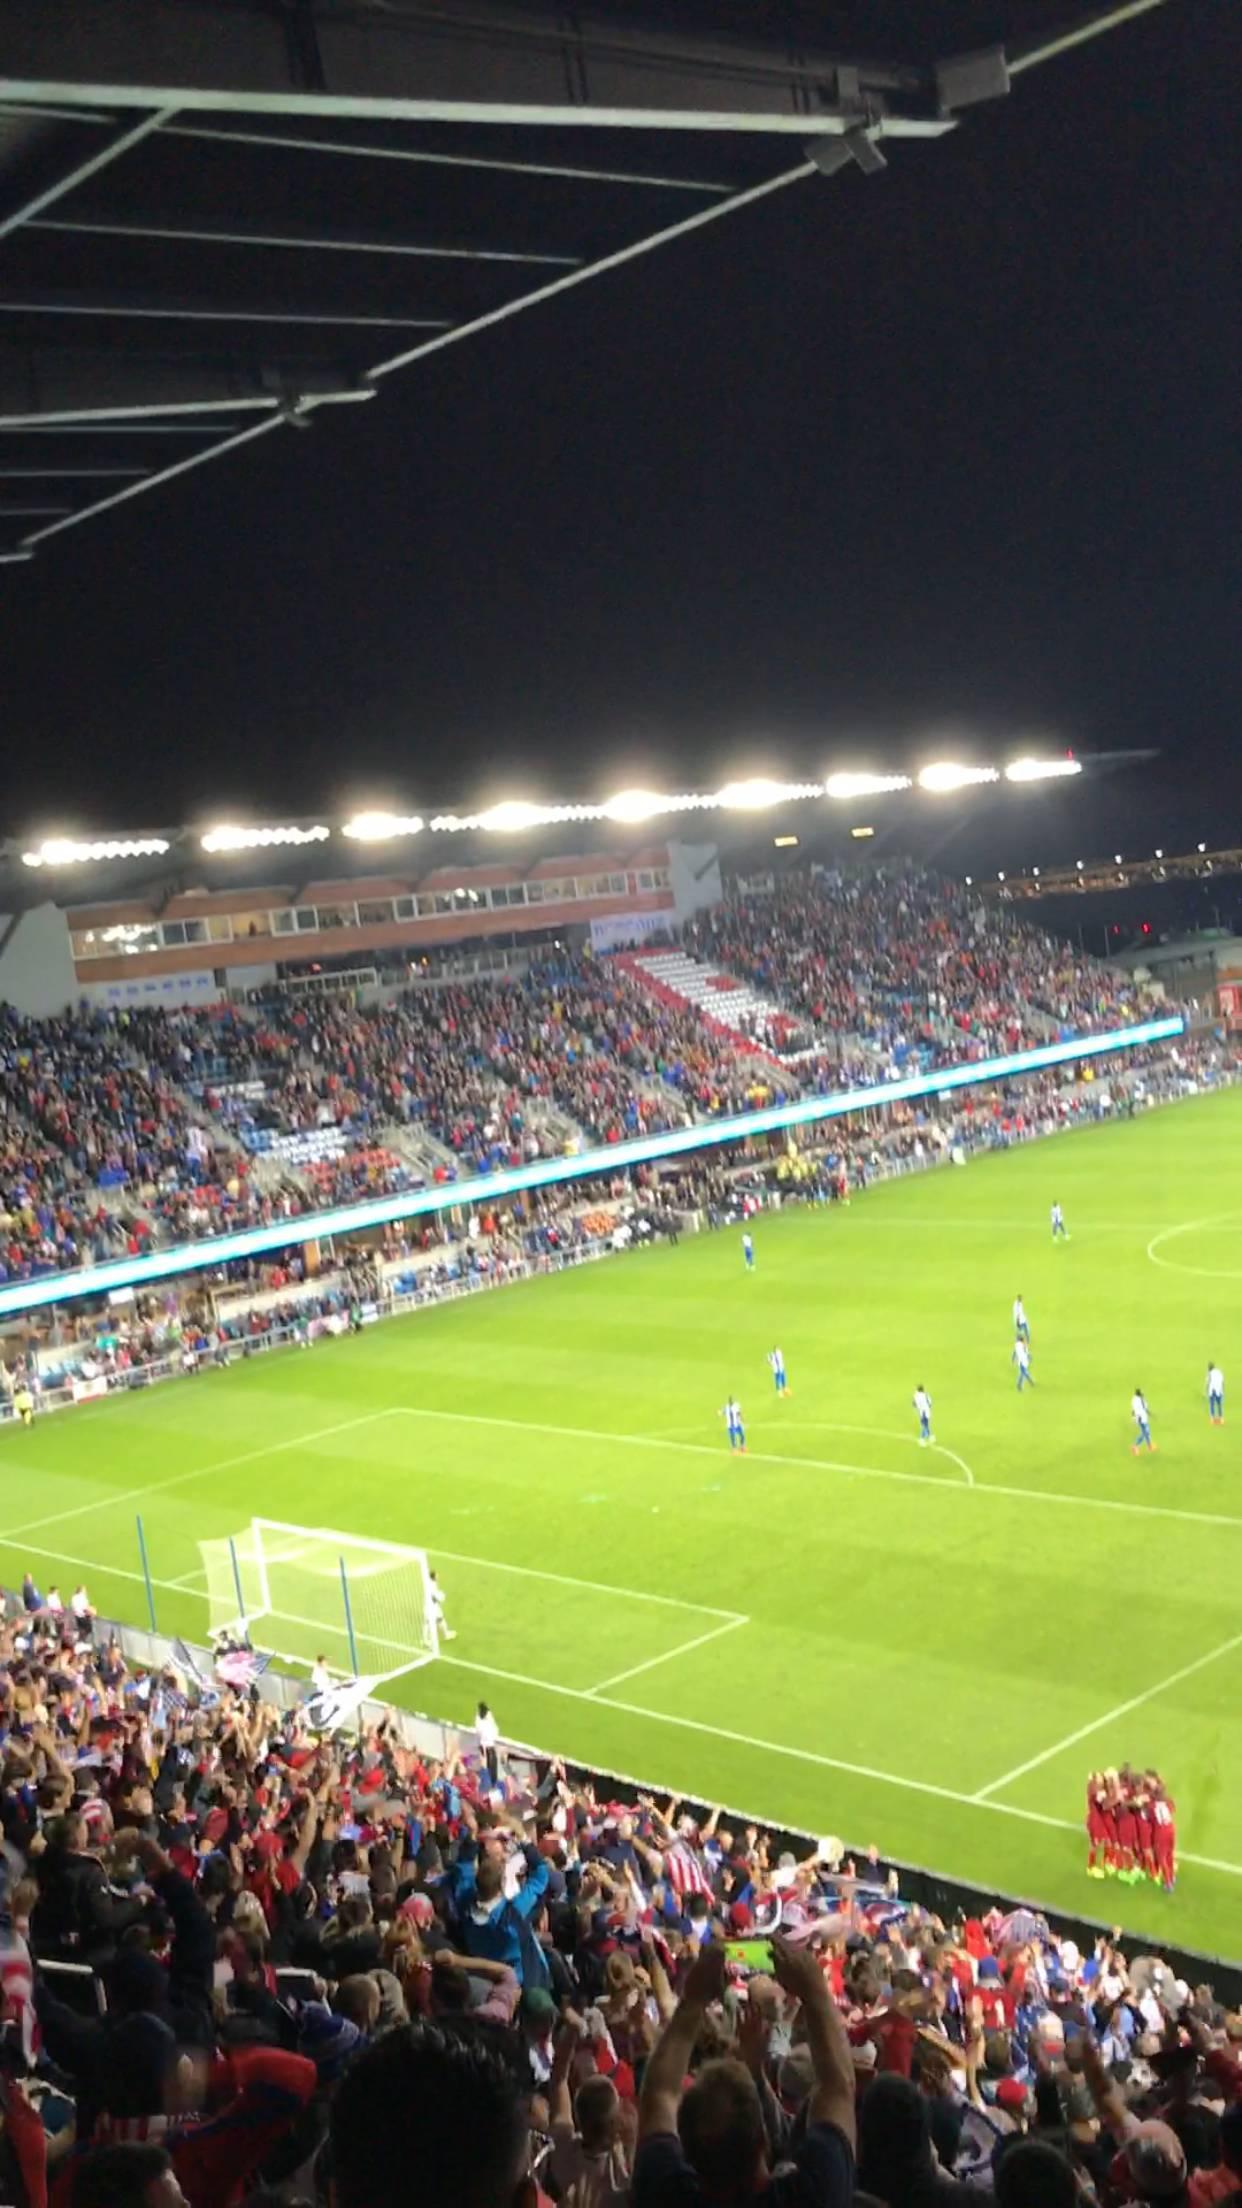 Avaya Stadium Section 122 Row 24 Seat 47